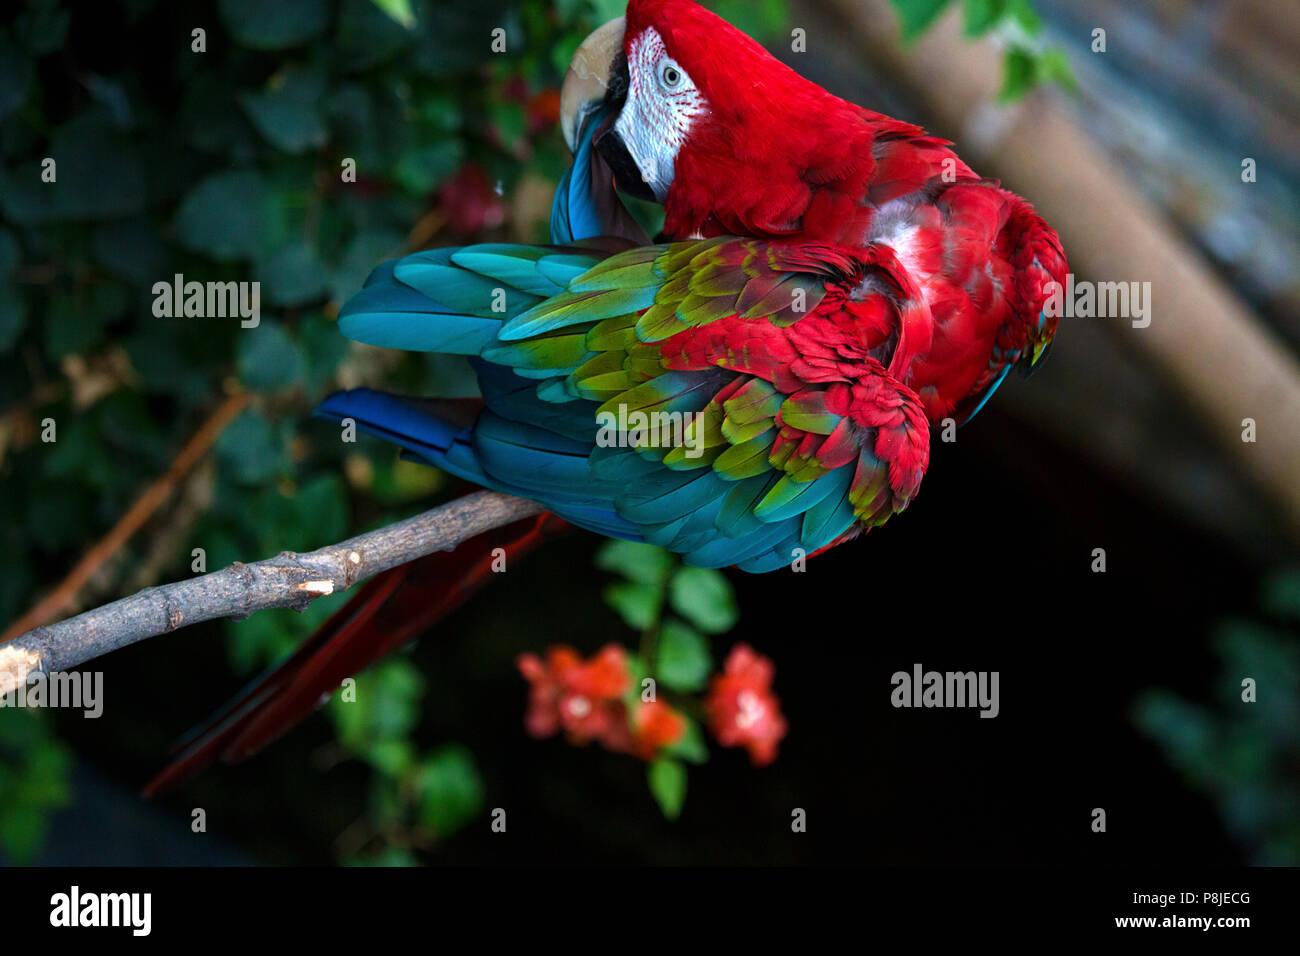 Ein Green-winged Parrot sitzt auf einem Zweig selbst putzen. Der Vogel lebt in der Voliere in einen Zoo. Stockbild